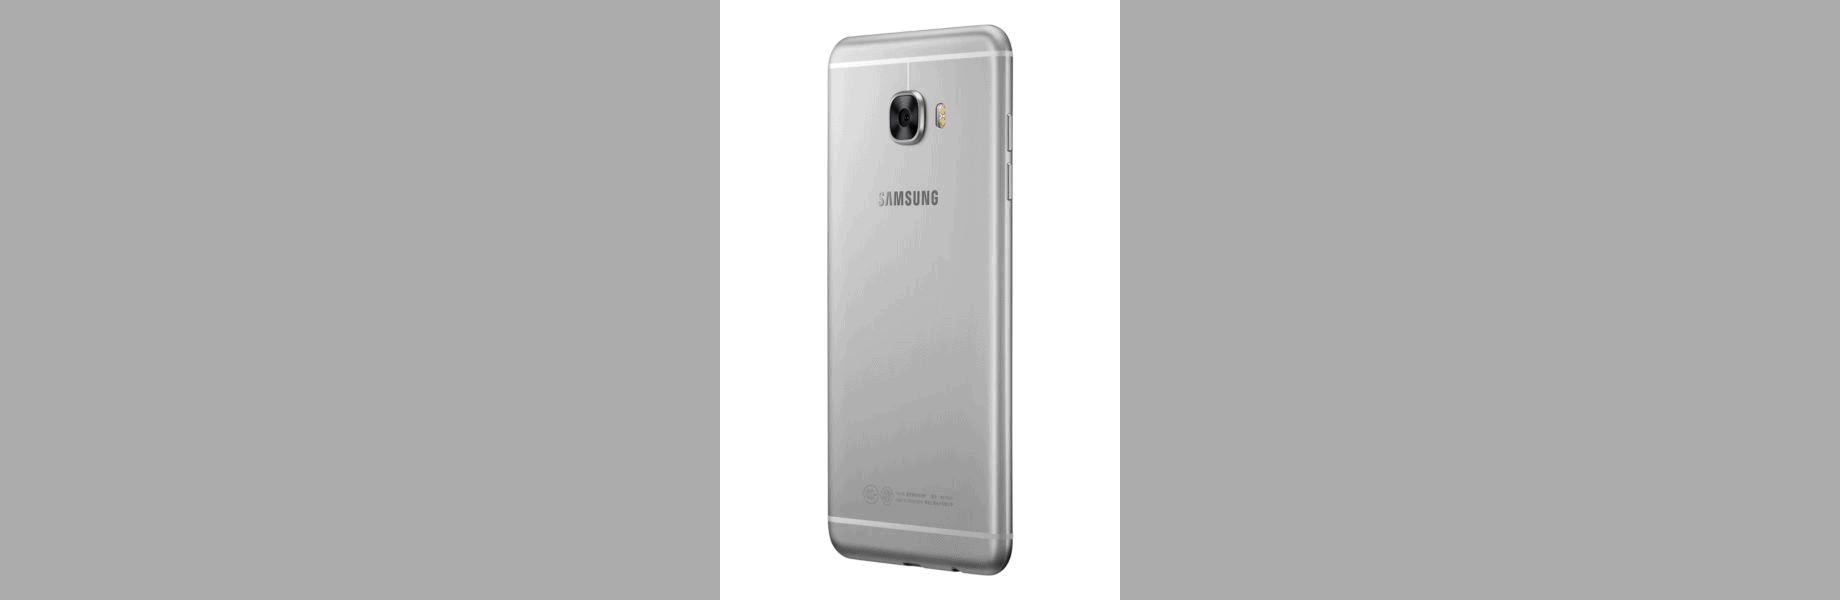 Samsung Galaxy C5 10